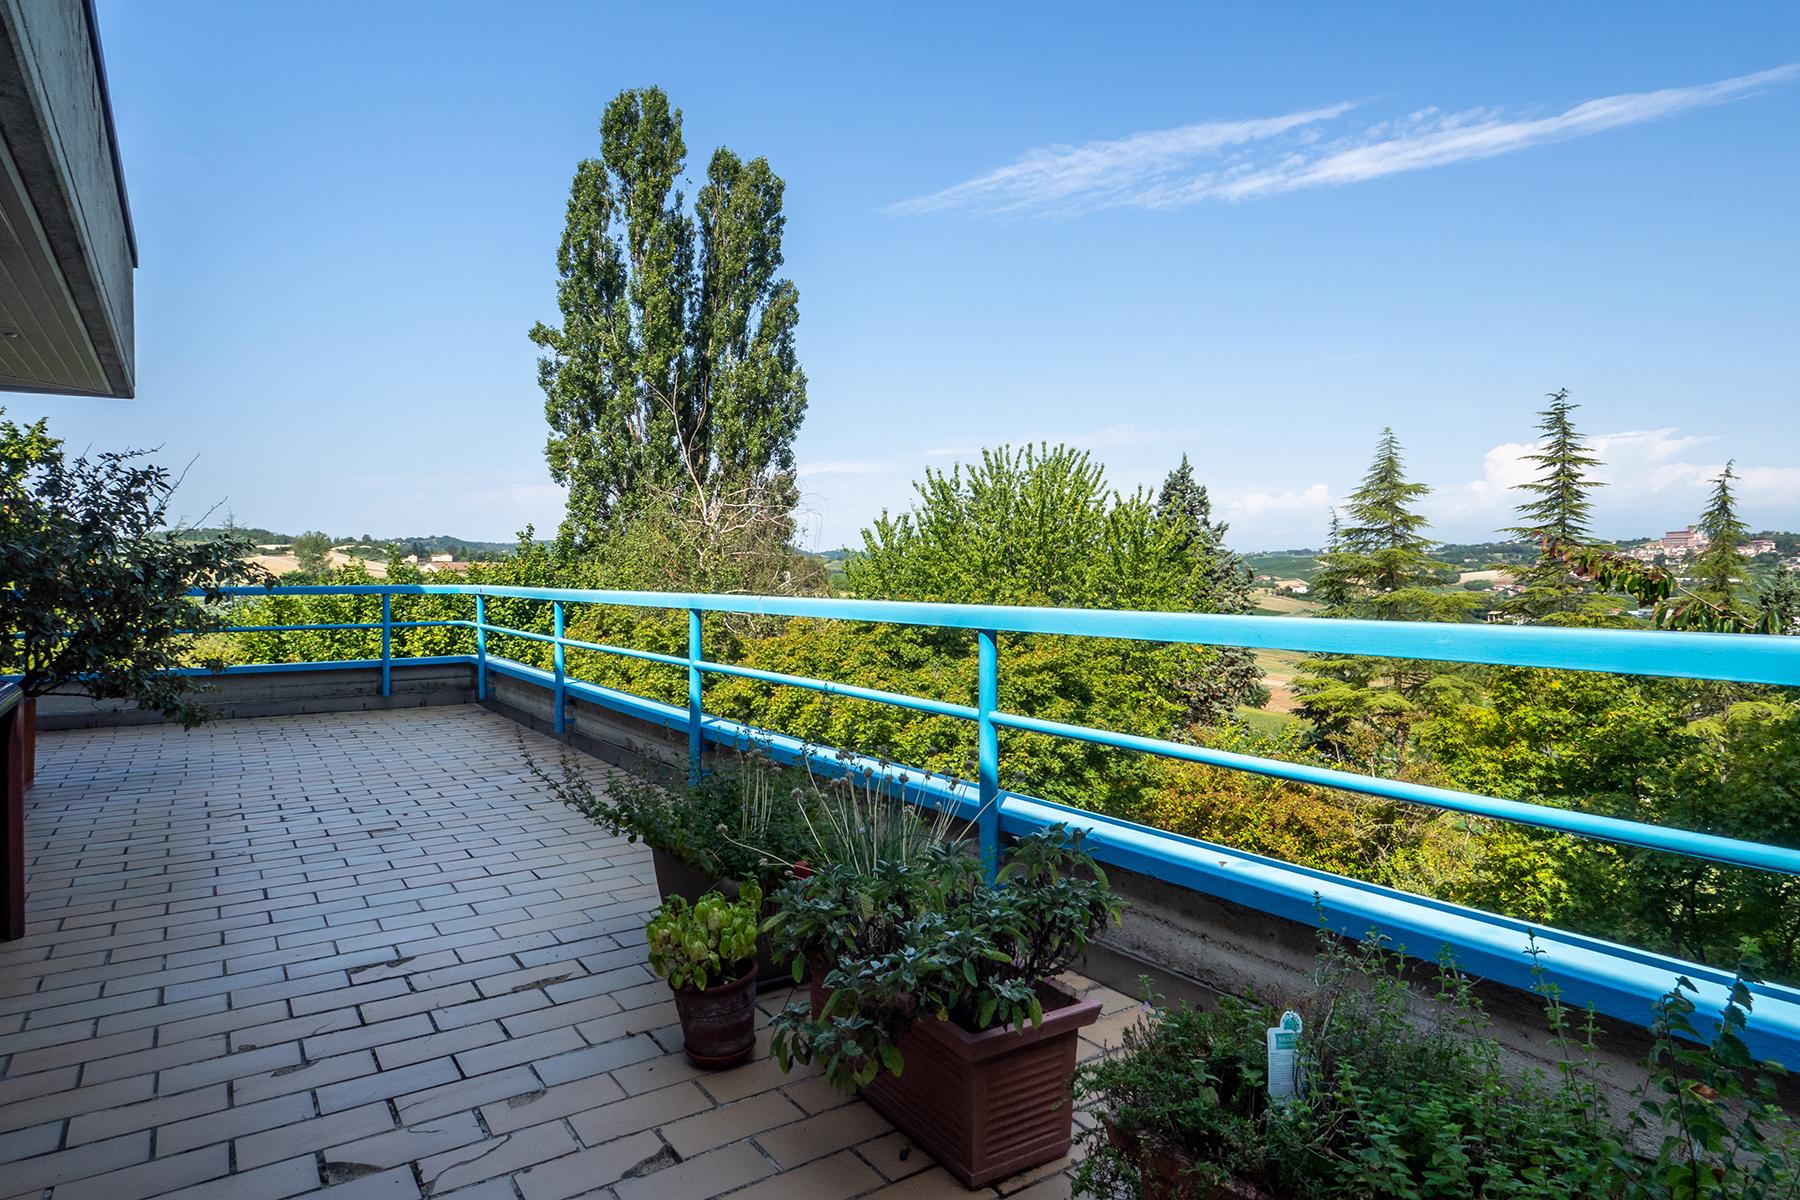 Casa indipendente in Vendita a Rosignano Monferrato: 5 locali, 290 mq - Foto 30